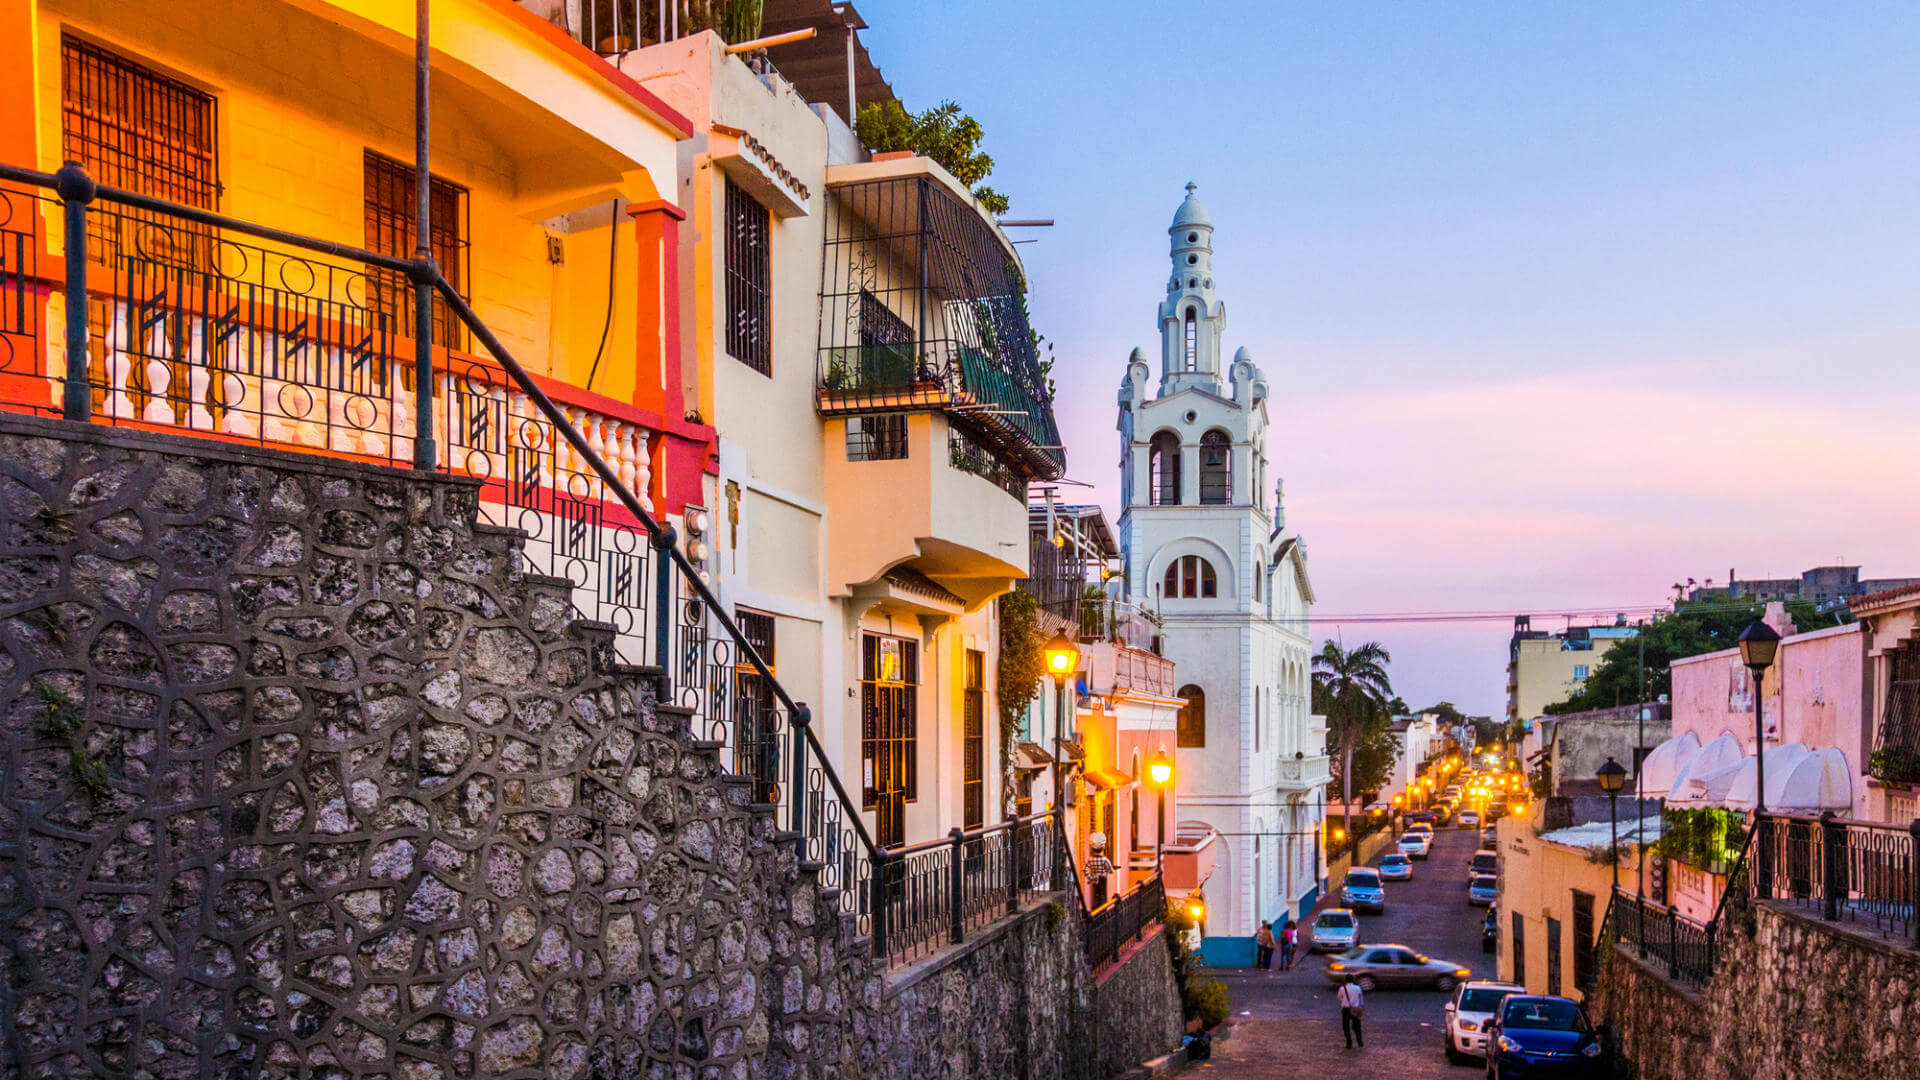 si viajas a República Dominicana